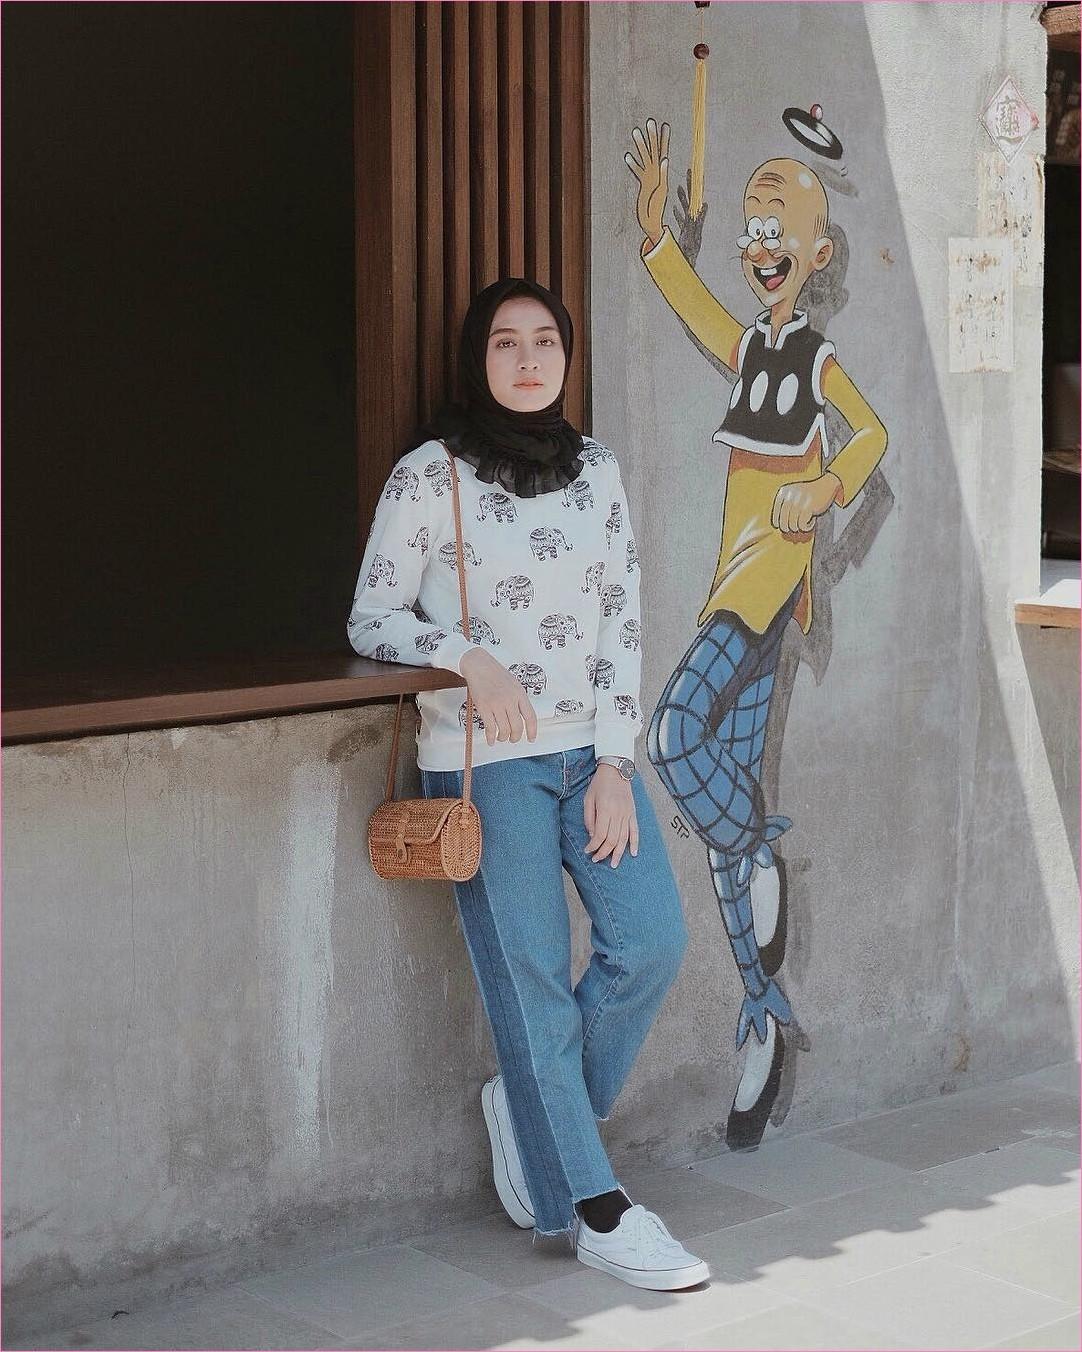 Outfit Baju Hijab Casual Untuk Kuliah Ala Selebgram 2018 jean pallazo denim kaos kaki hijab segiempat hitam sweater blouse bermotif gajah sneakers kets putih sling bags rotan jam tangan bulat abu gaya casual kain sutra katun rayon ootd outfit 2018 selebgram jendela kayu gambar kartun